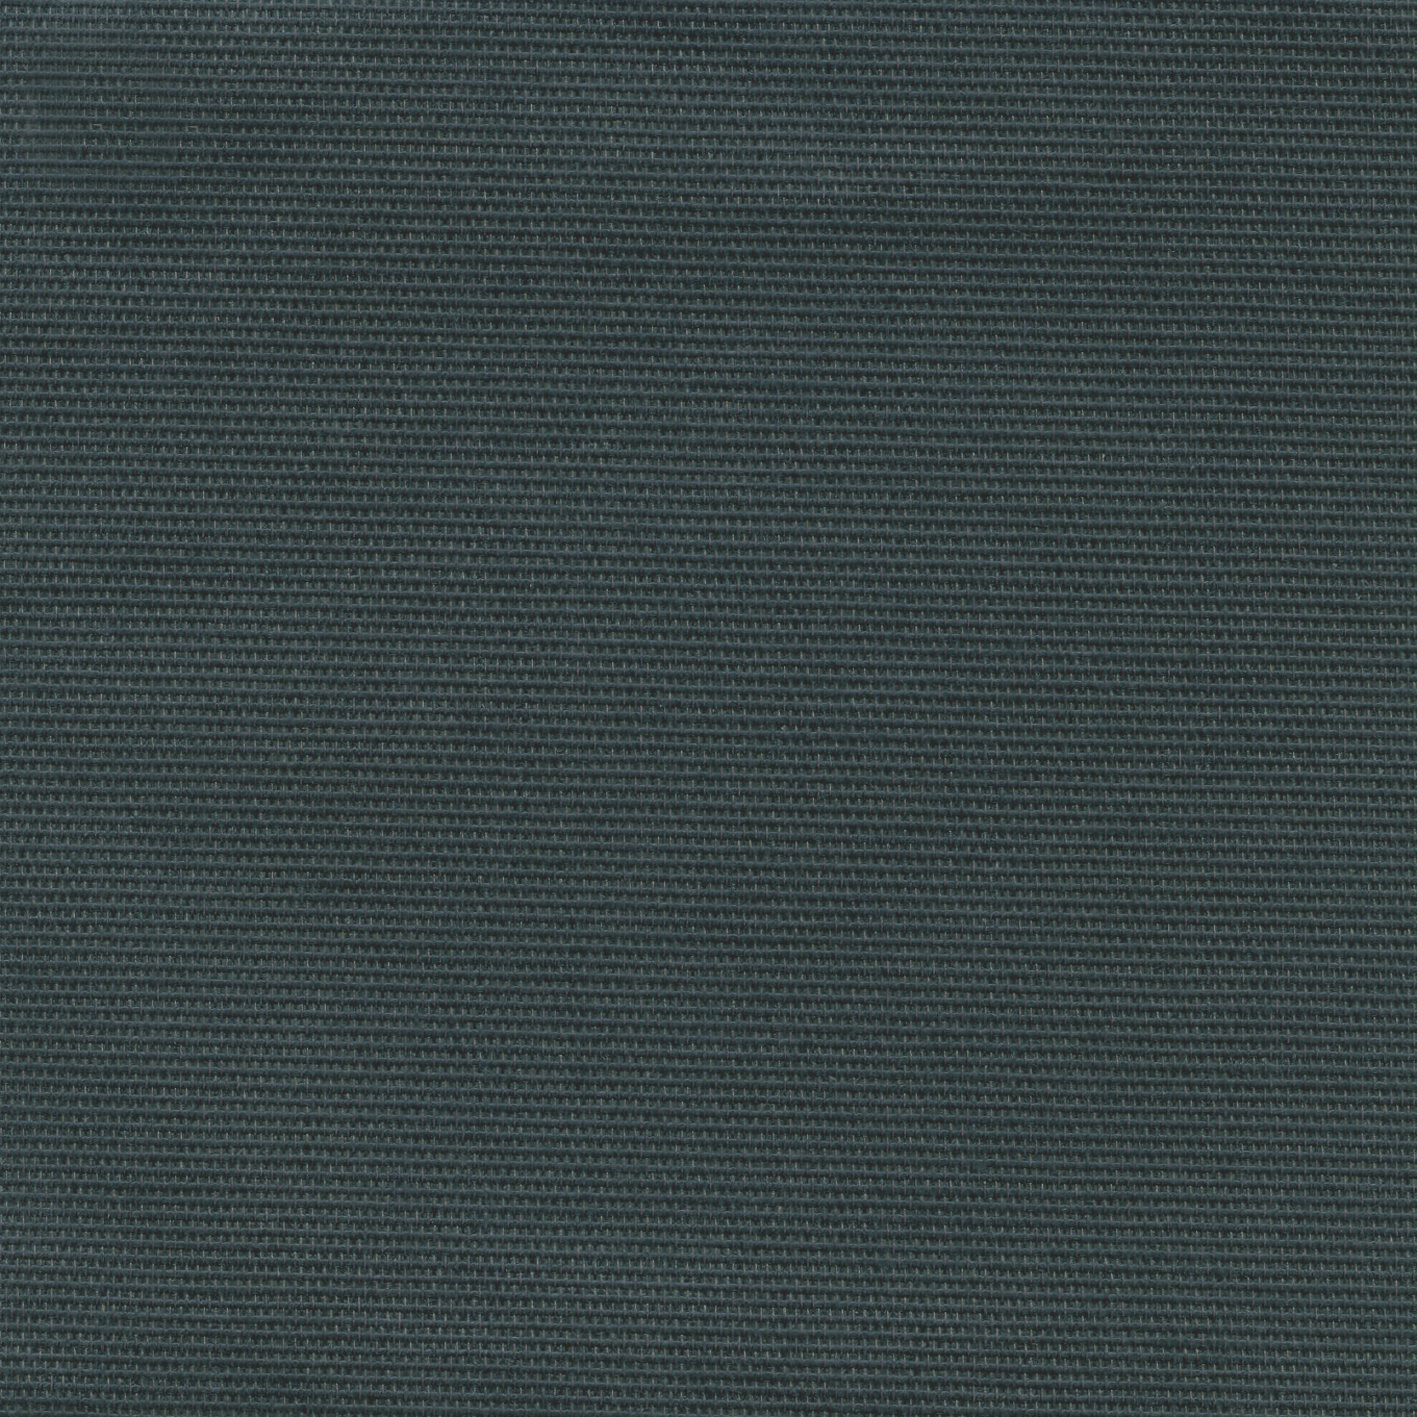 111-אפור כהה